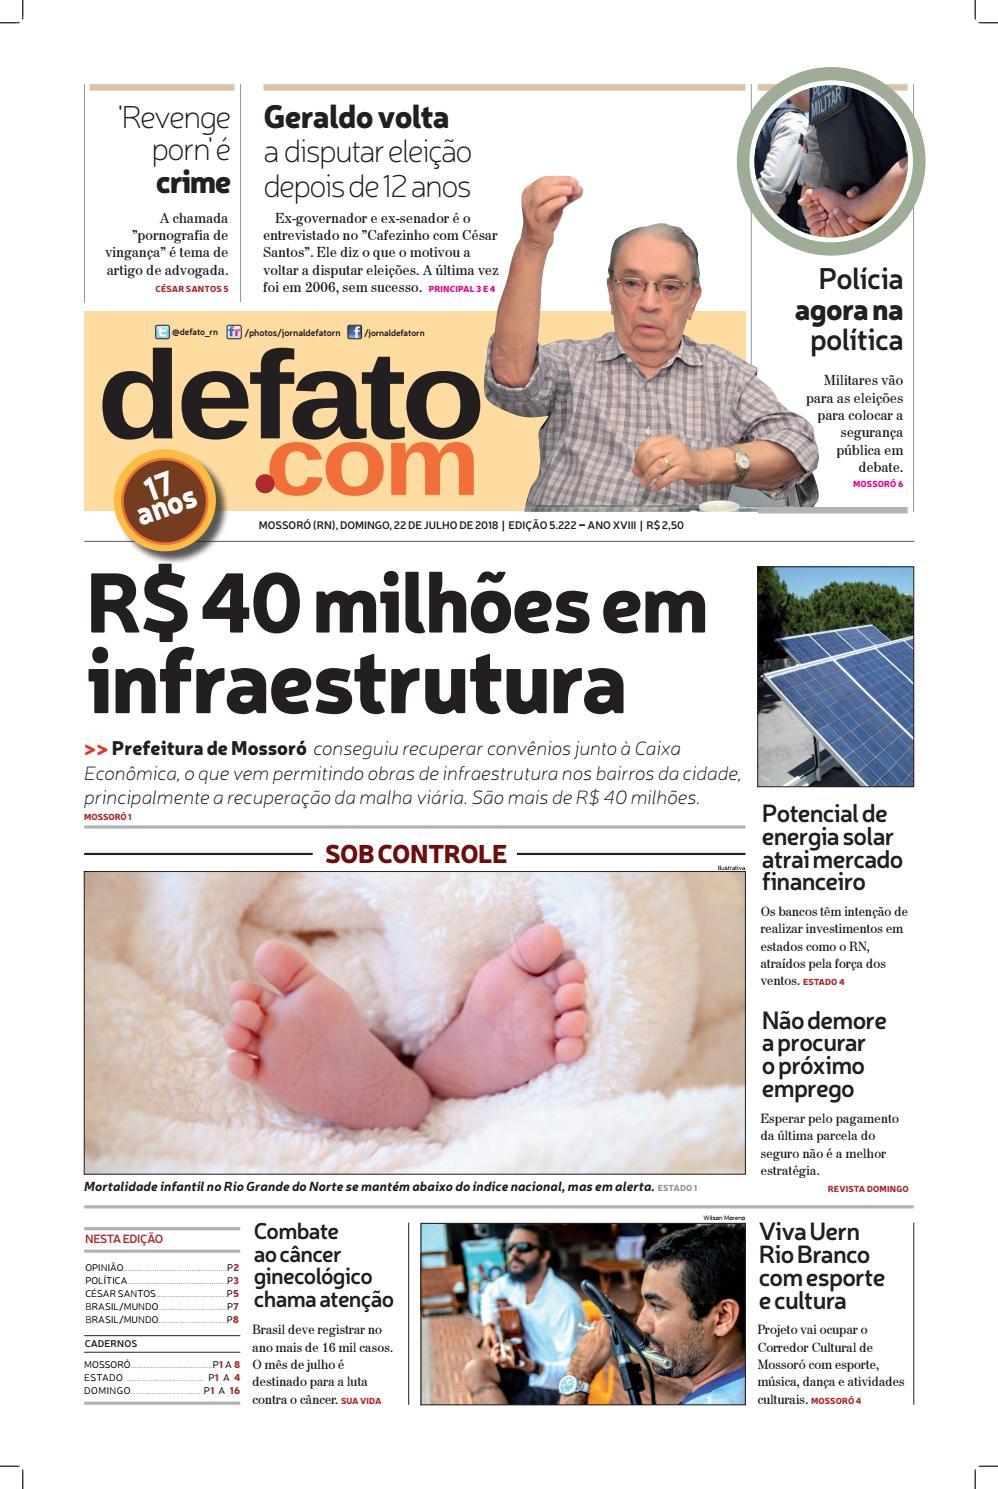 Jornal de Fato by Jornal de Fato - issuu b181535570